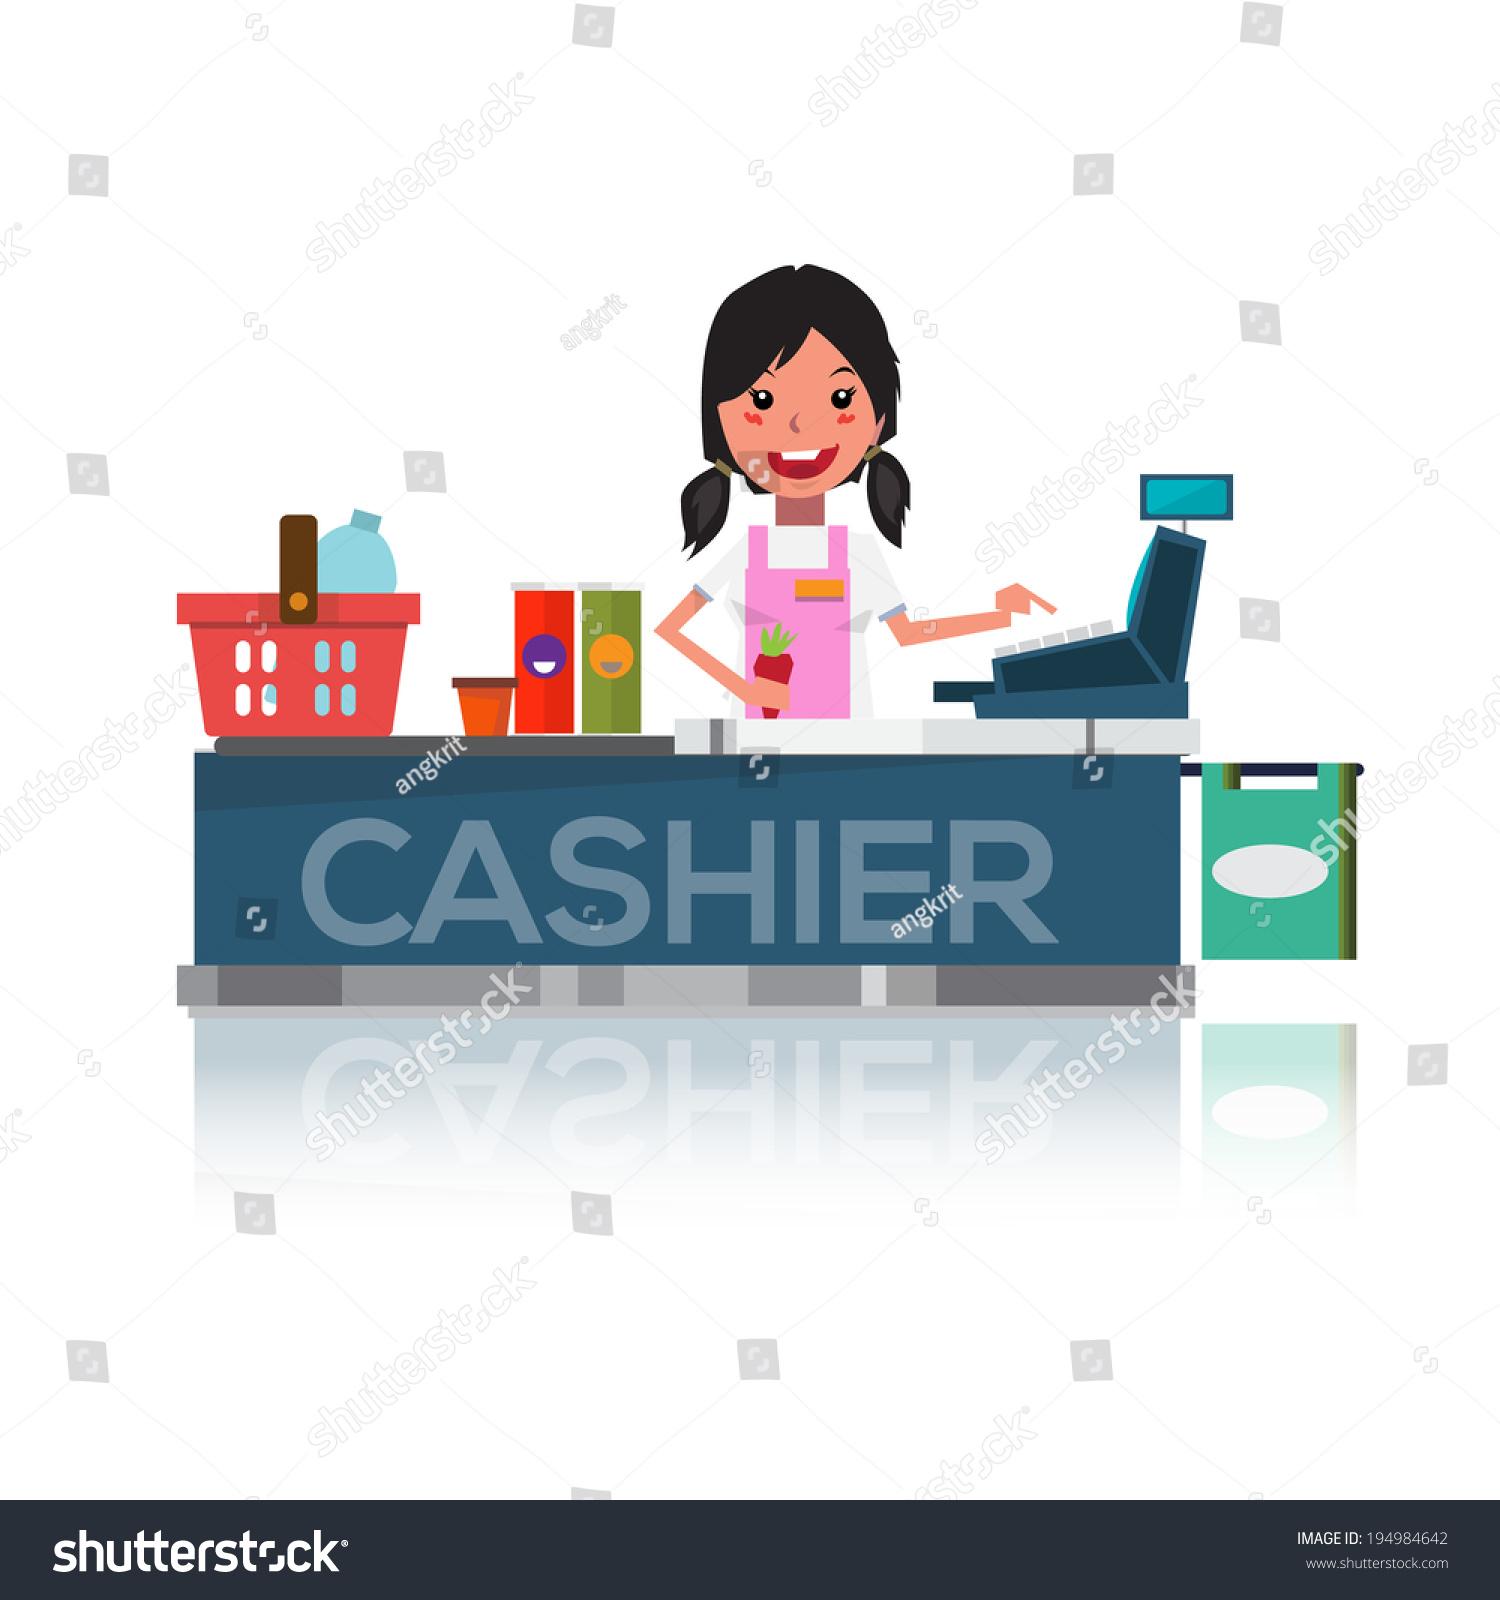 Cashier Cartoons: Pretty Cashier Supermarket Vector Illustration Stock